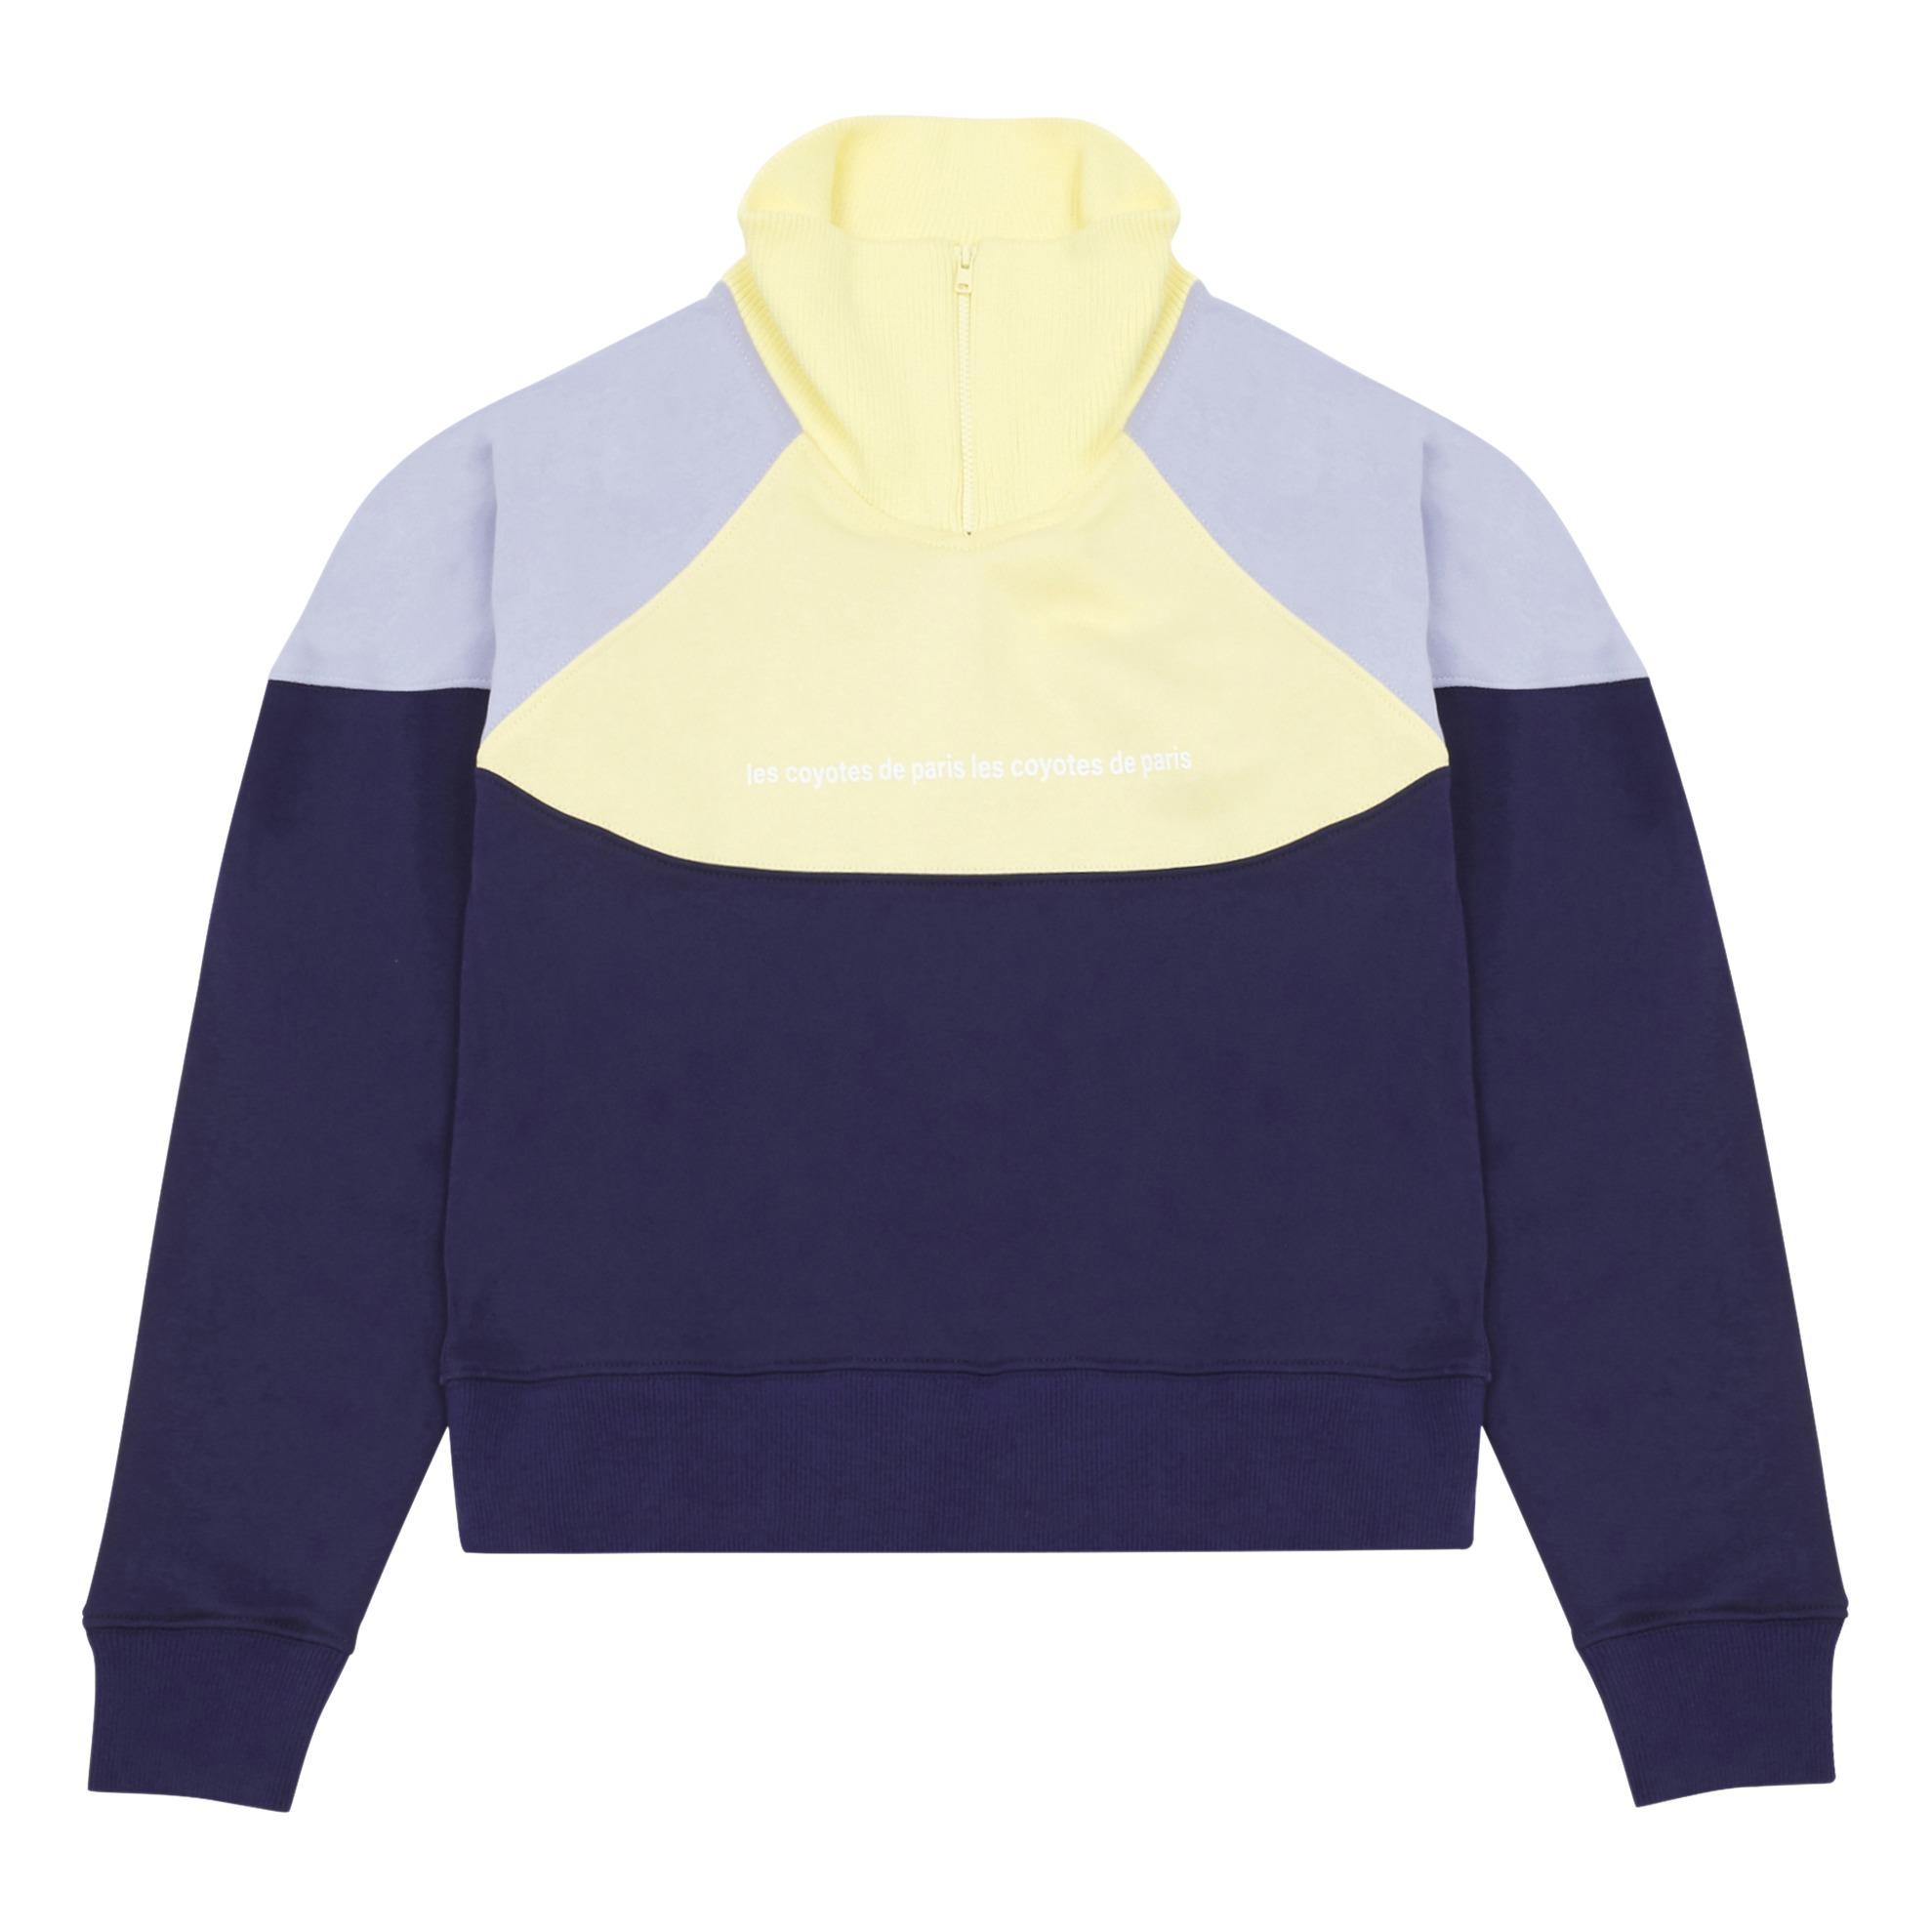 Sweatshirt Vintage Tommy Hit, Deal 3393